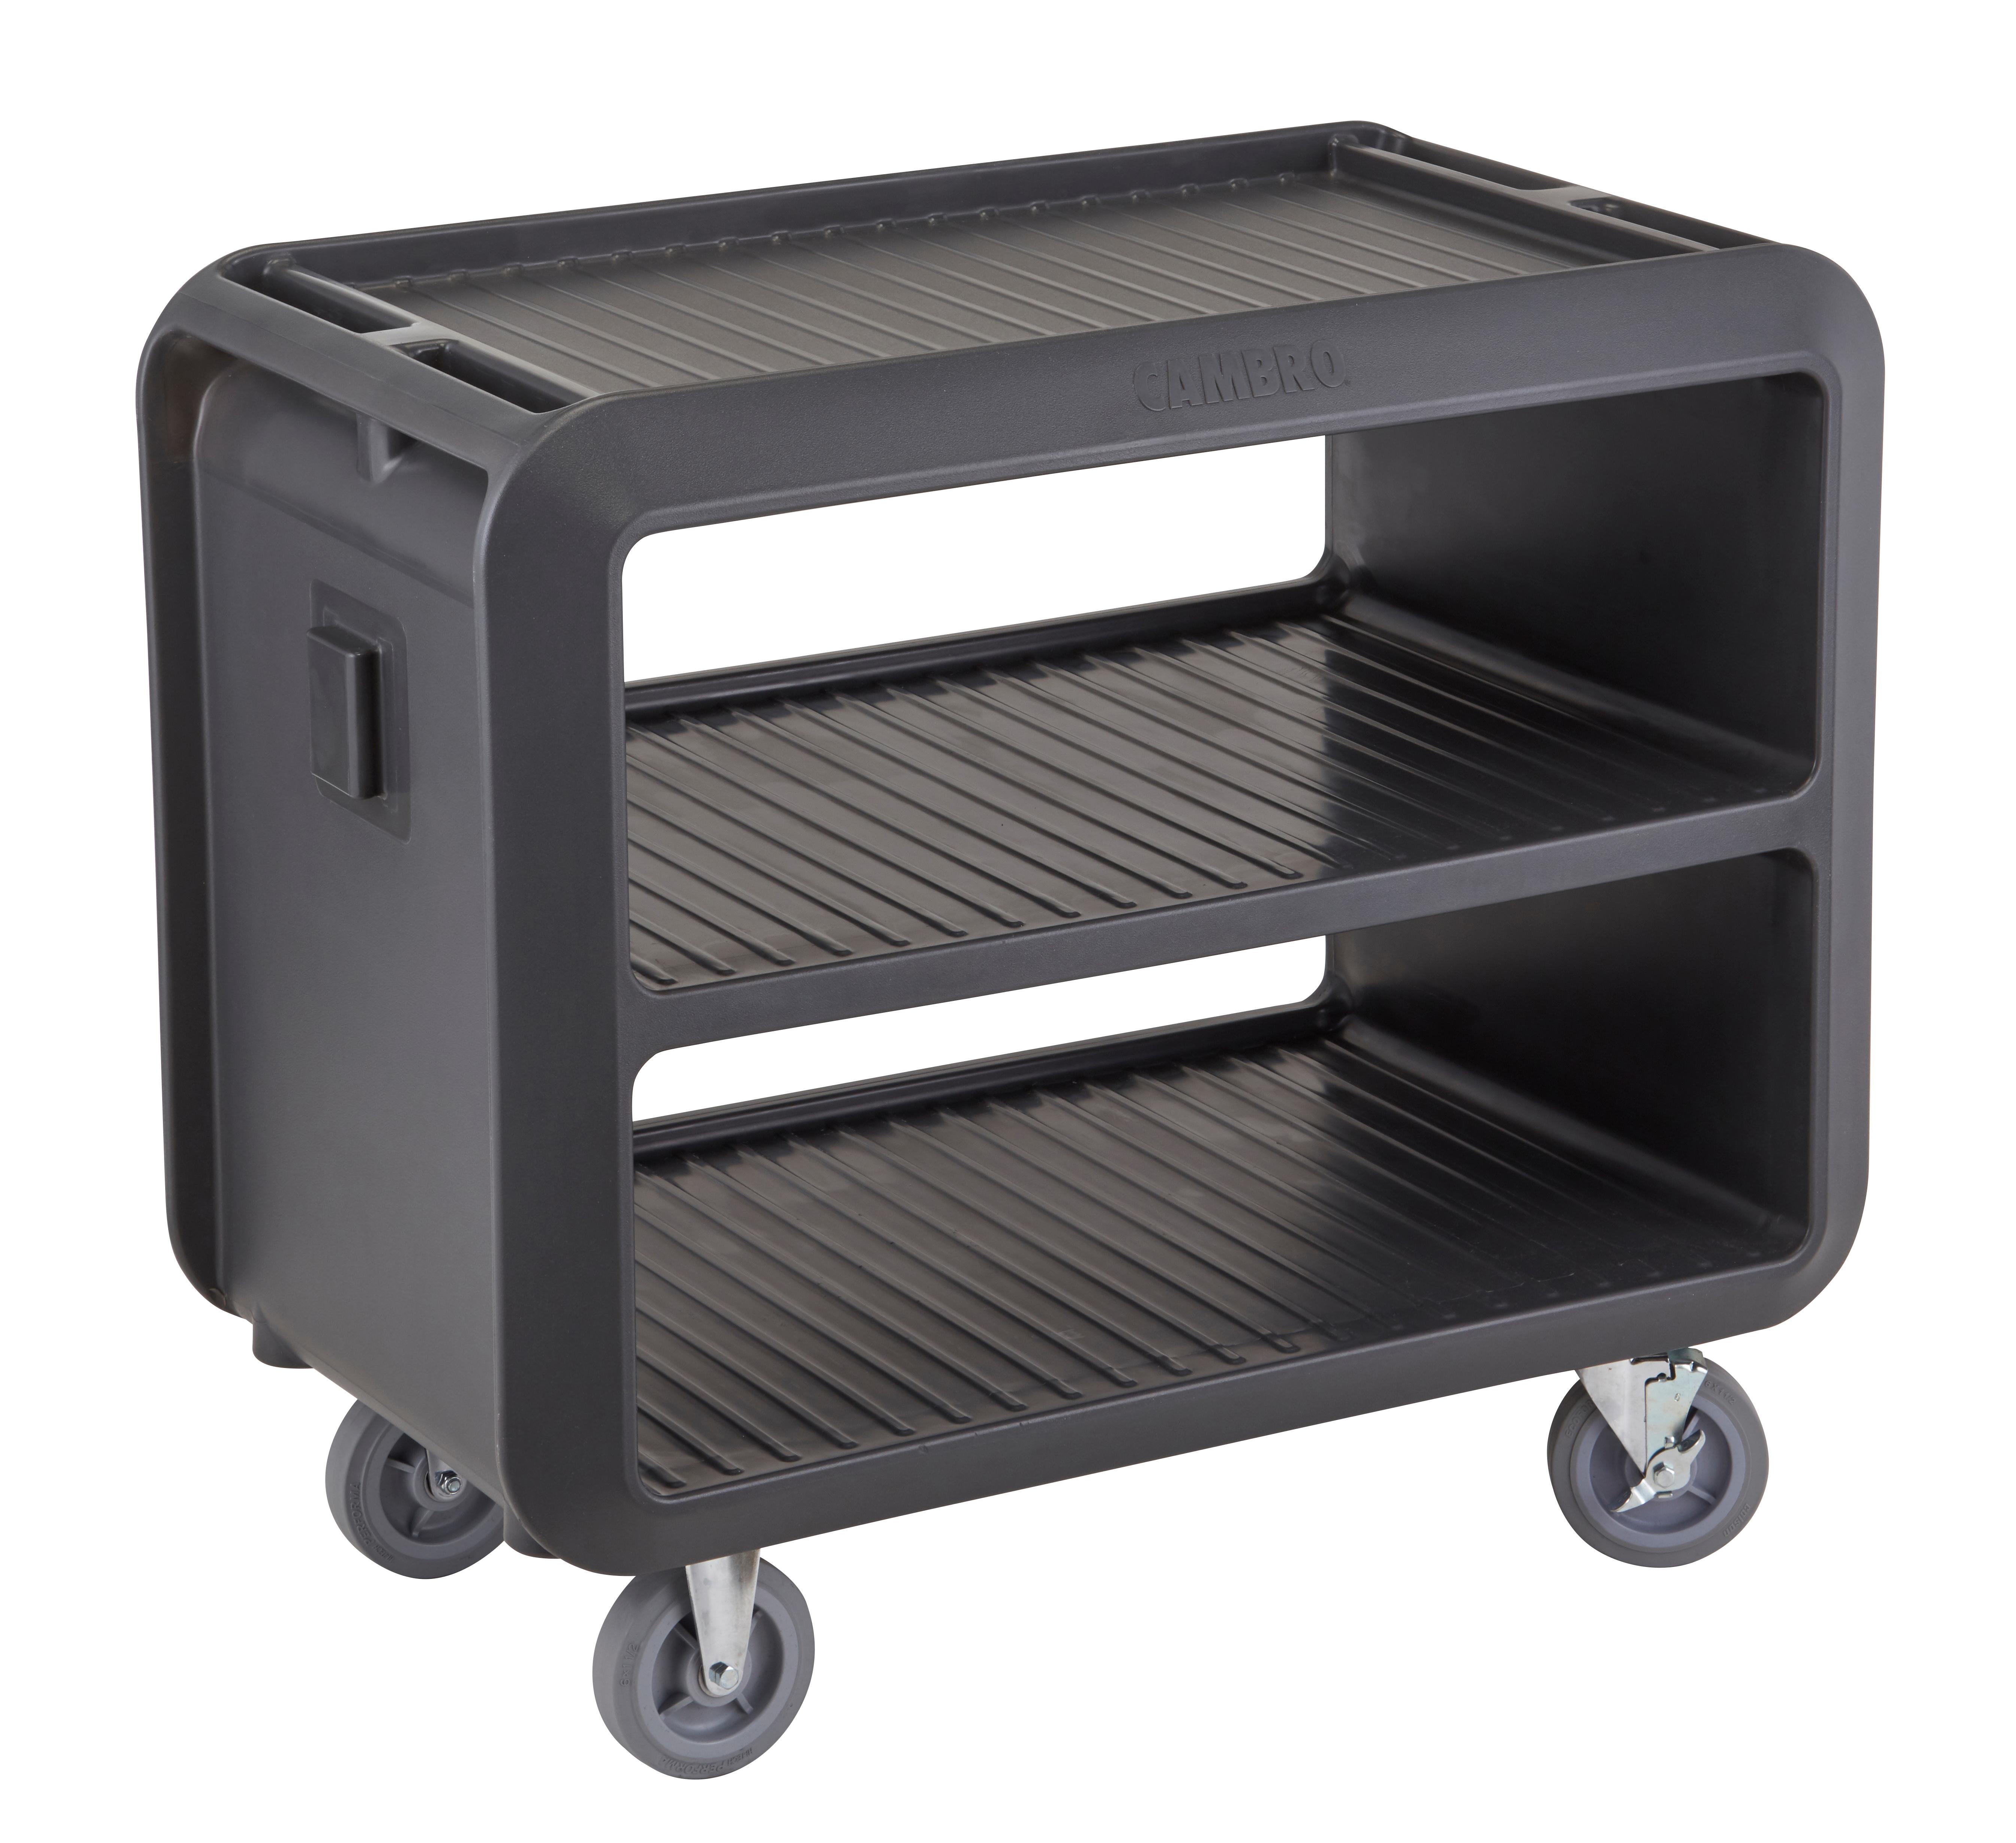 Cambro SC337615 service cart